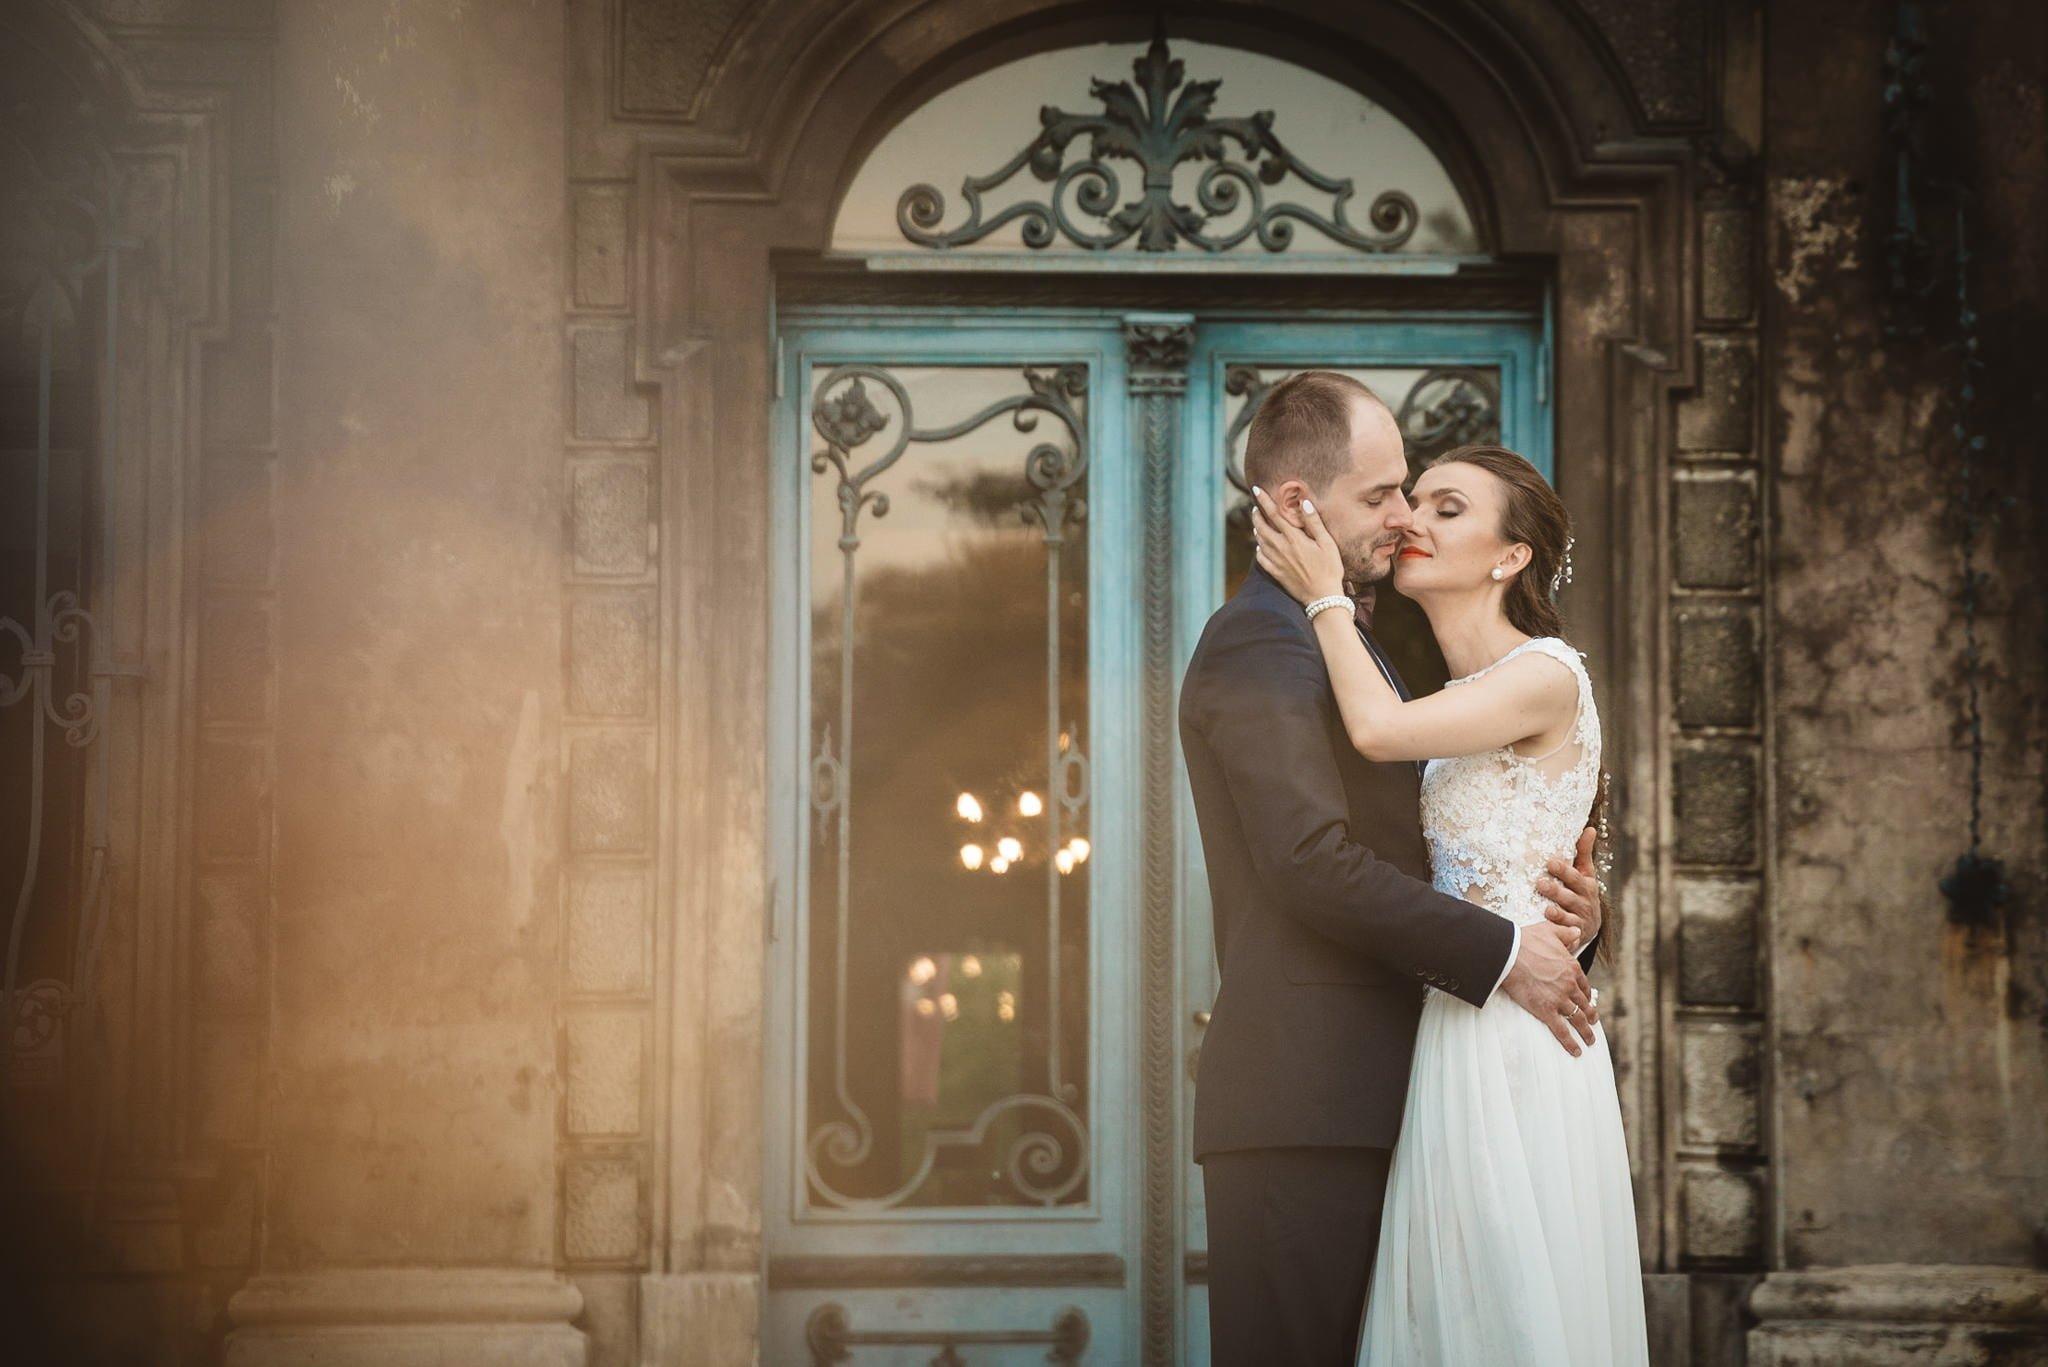 Ala i Arek, czyli jak zorganizować ślub i wesele w 4 tygodnie! 388